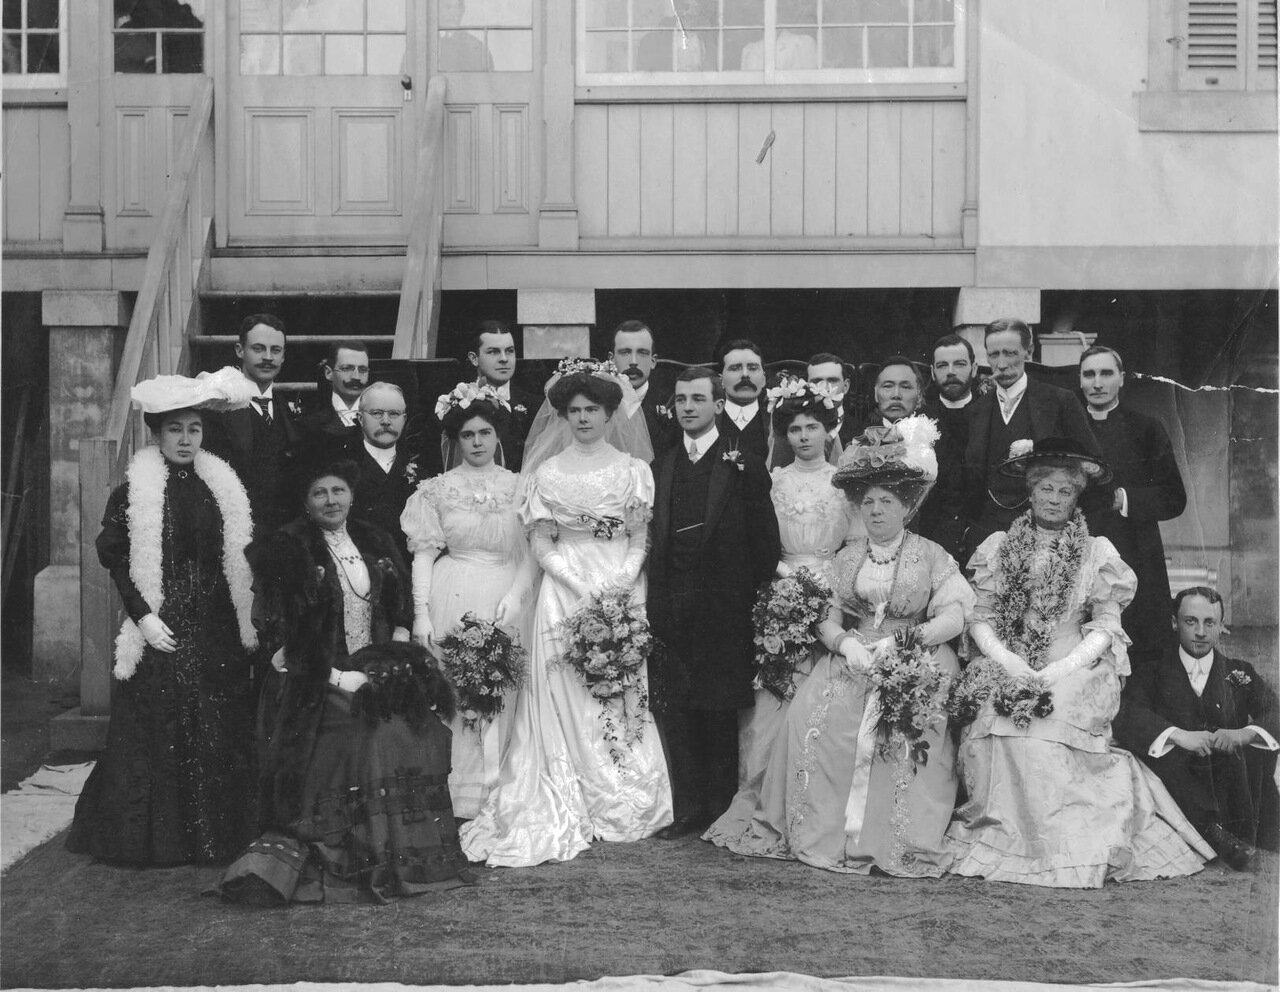 1908.02.15. Свадьба Освальда Уайта и Кэтлин Холл